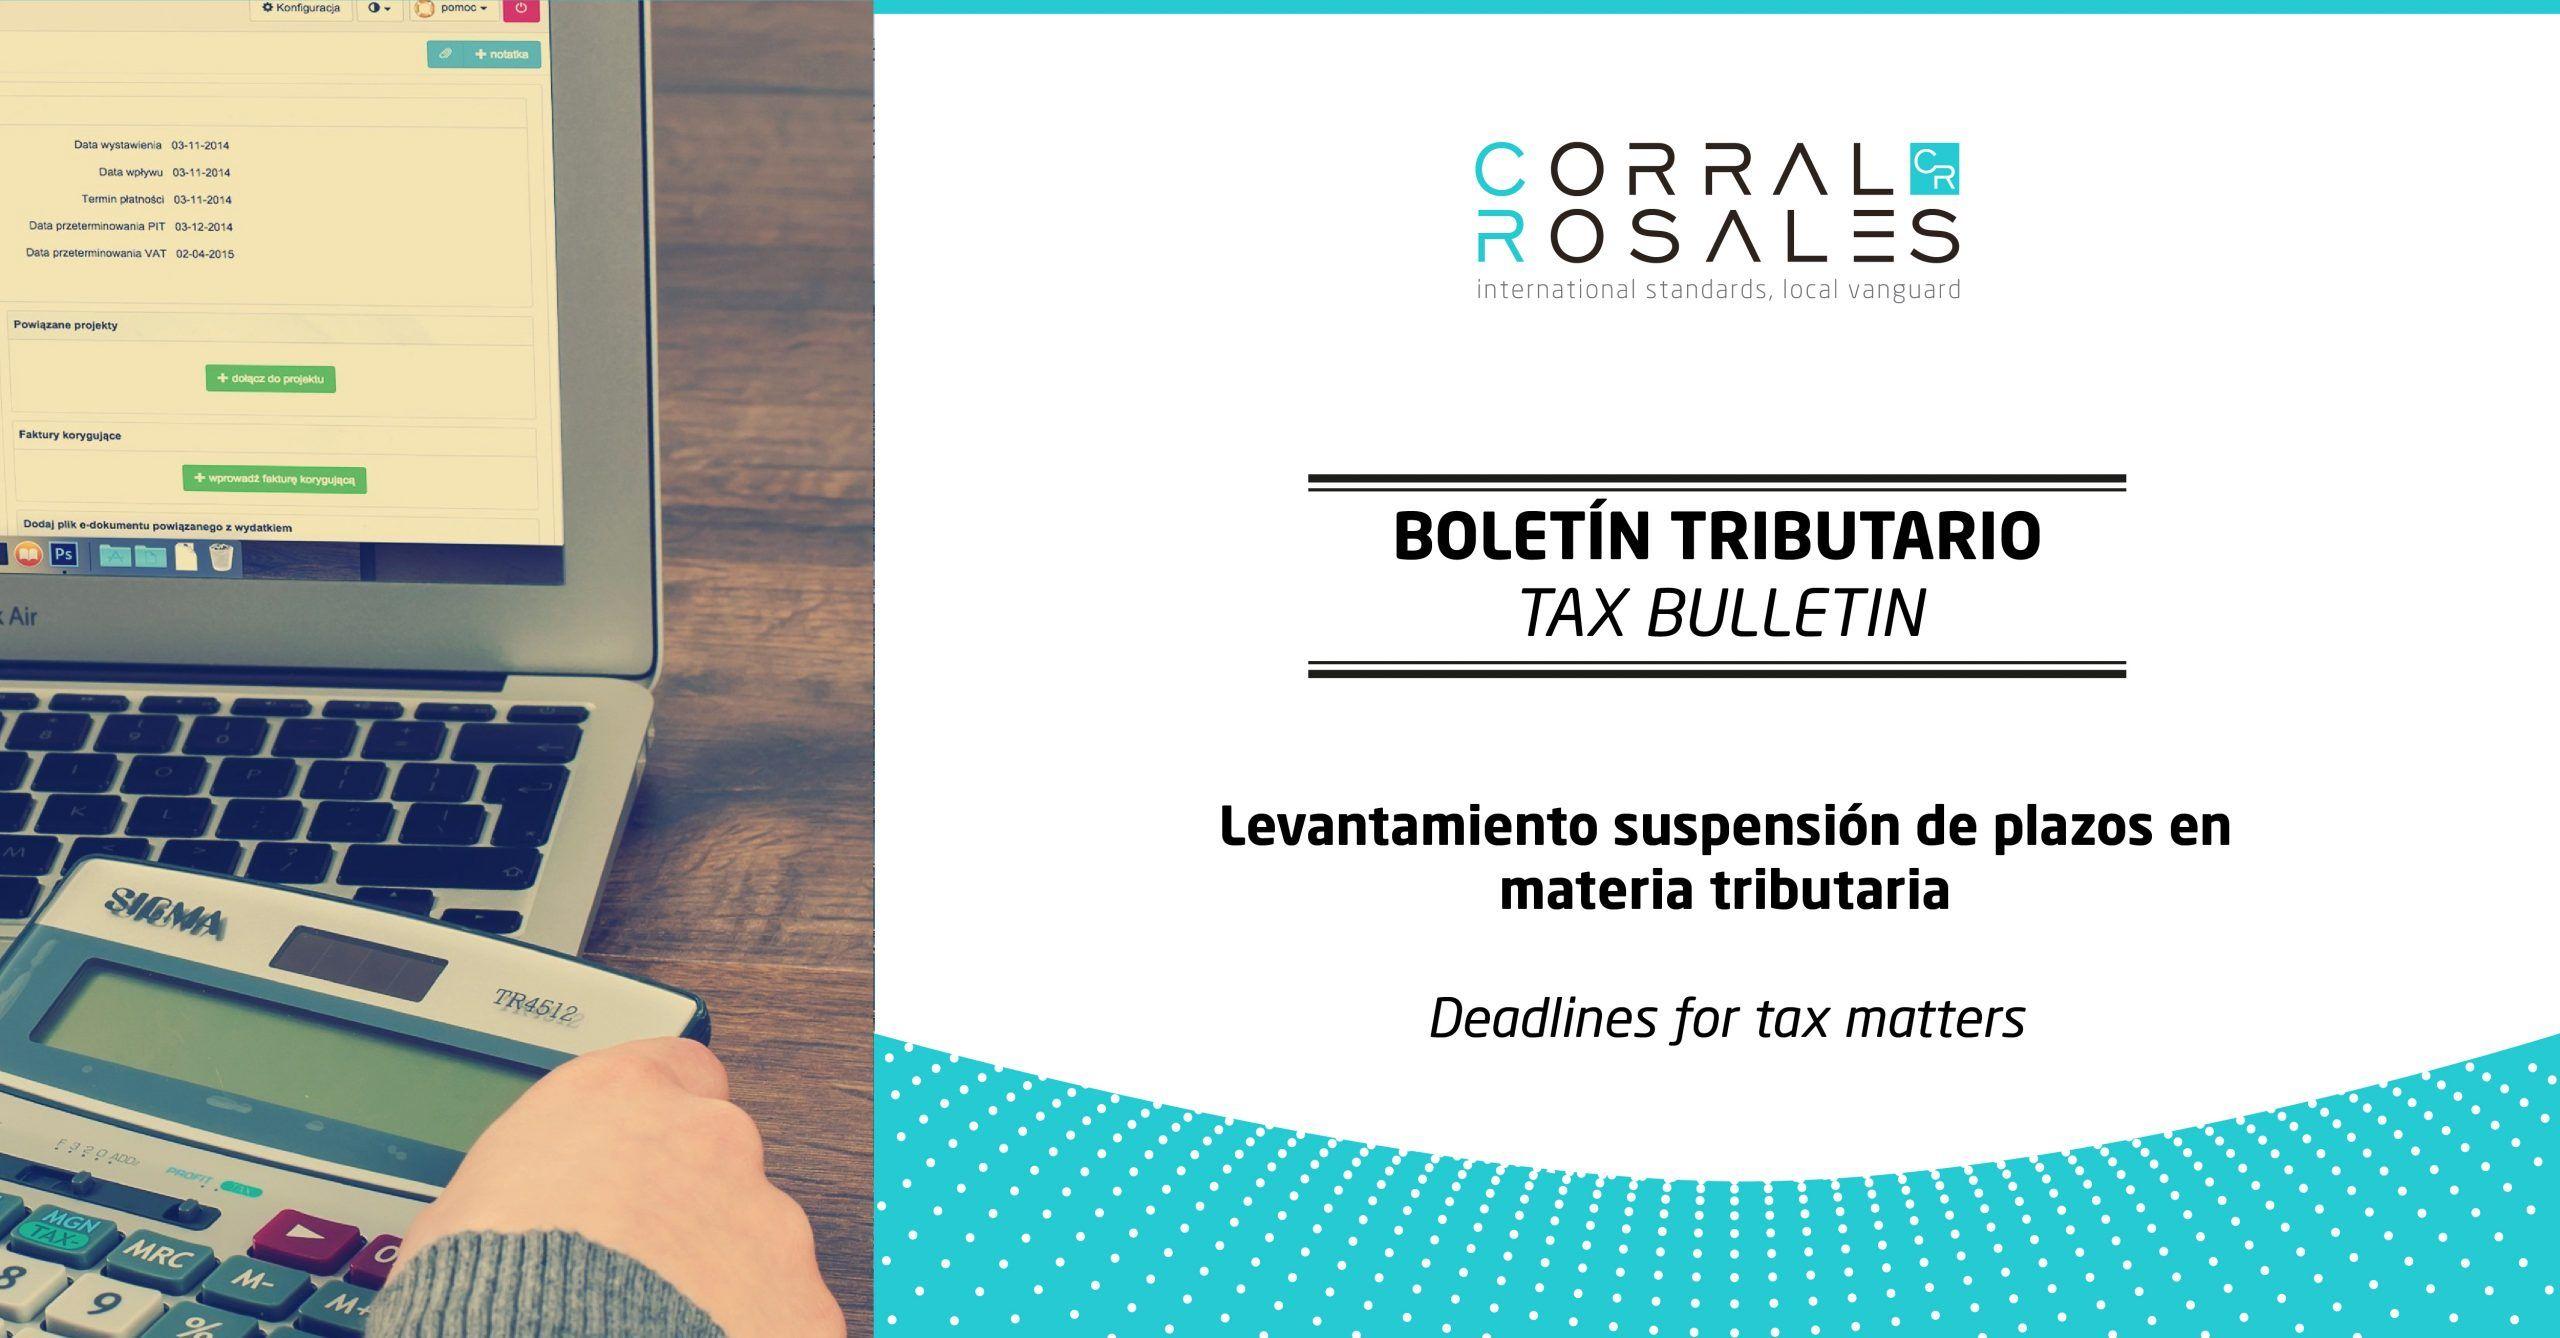 corral-rosales-lawyers-ecuador-corral-rosales-lawyers-ecuador-levantamiento-suspension-de-plazos-materia-tributaria